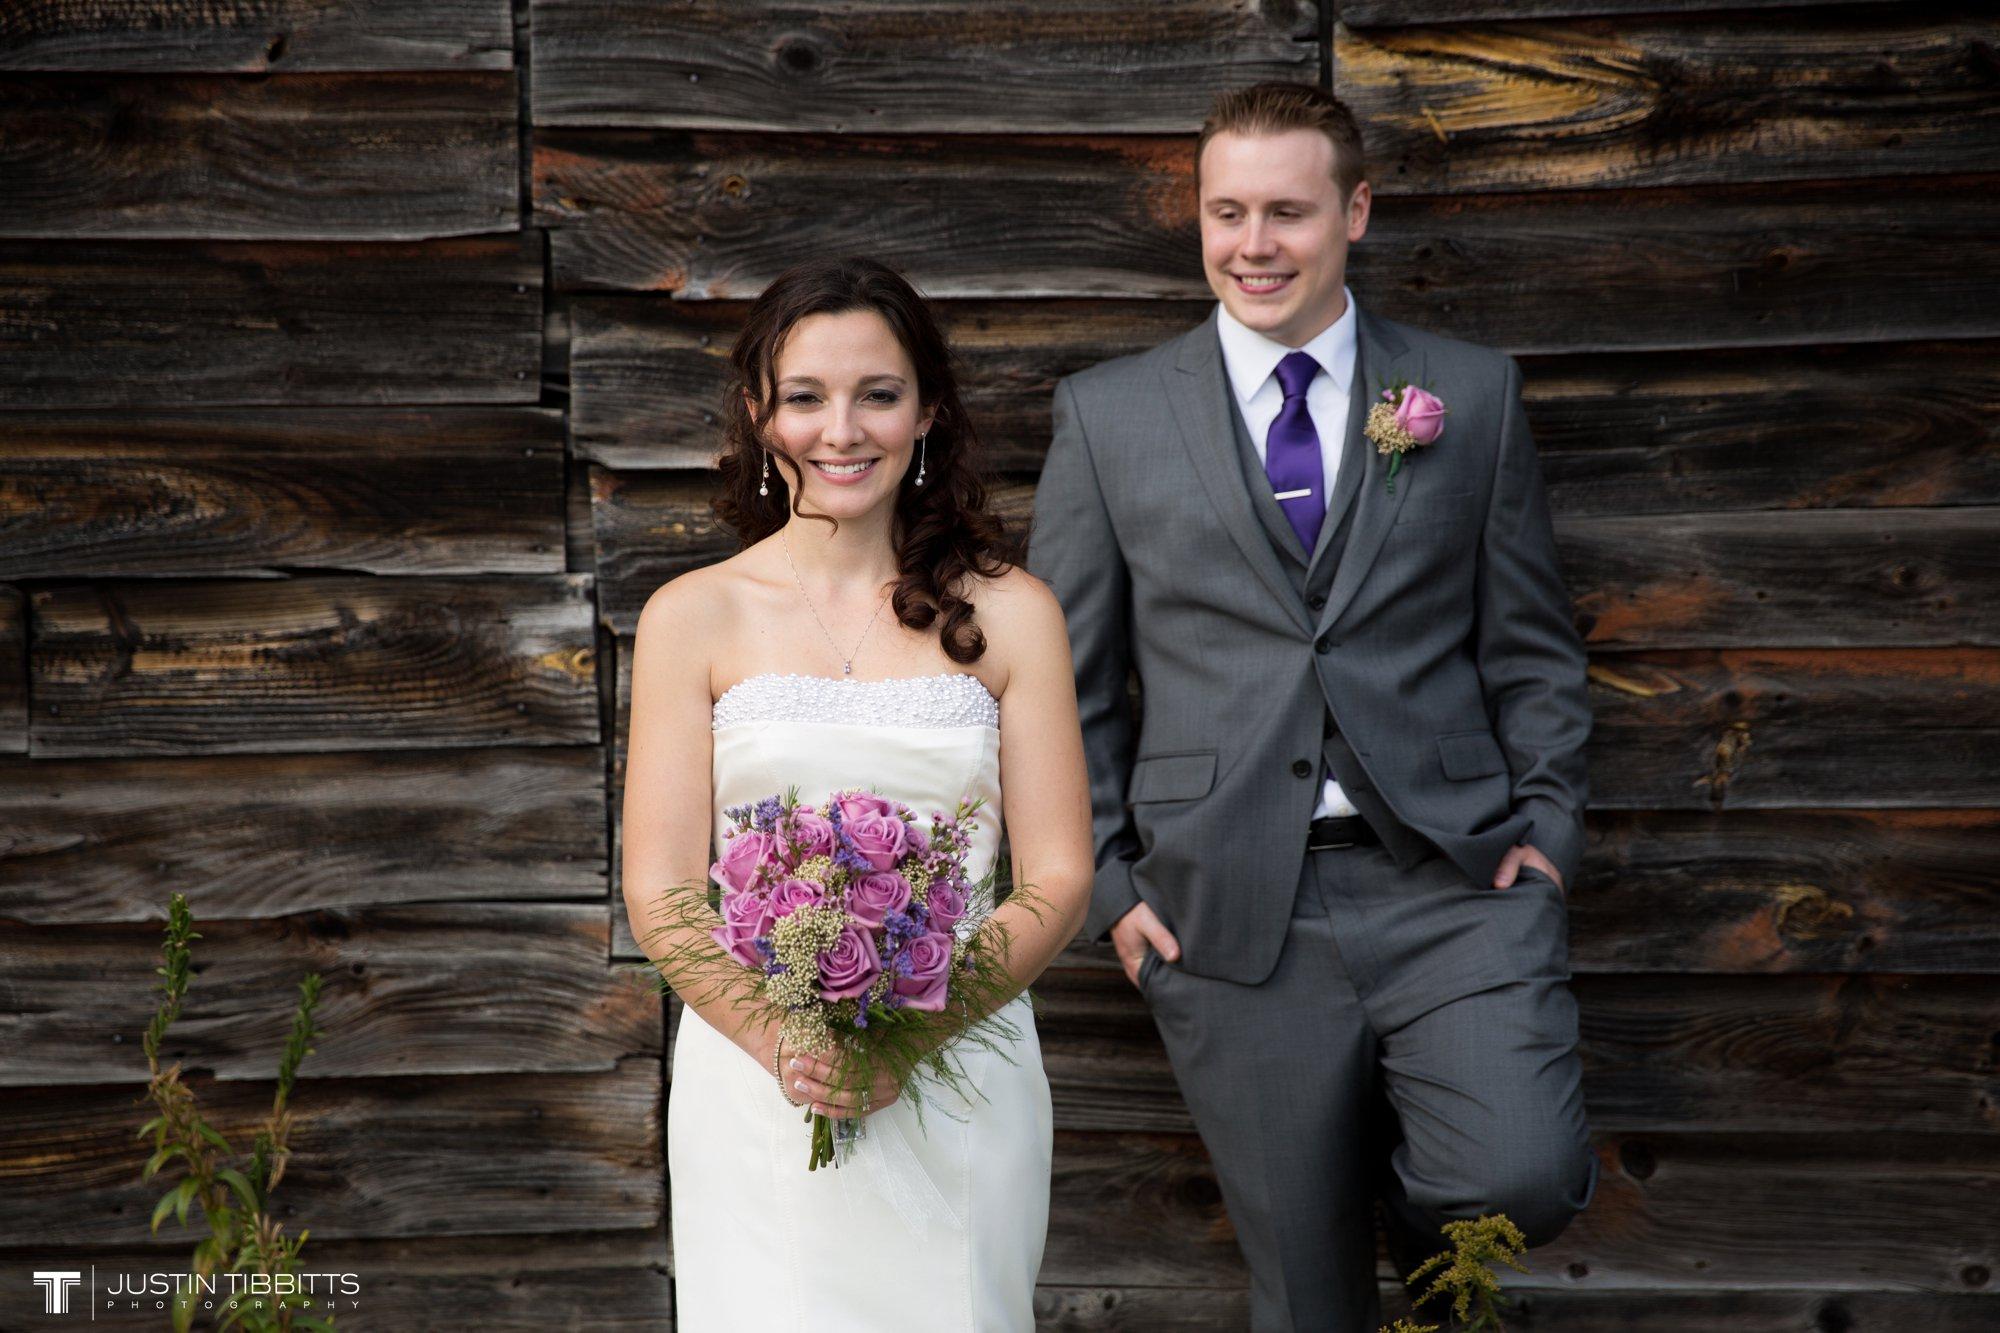 Justin Tibbitts Photography Rob and Brittany's Averill Park, NY Wedding_0400